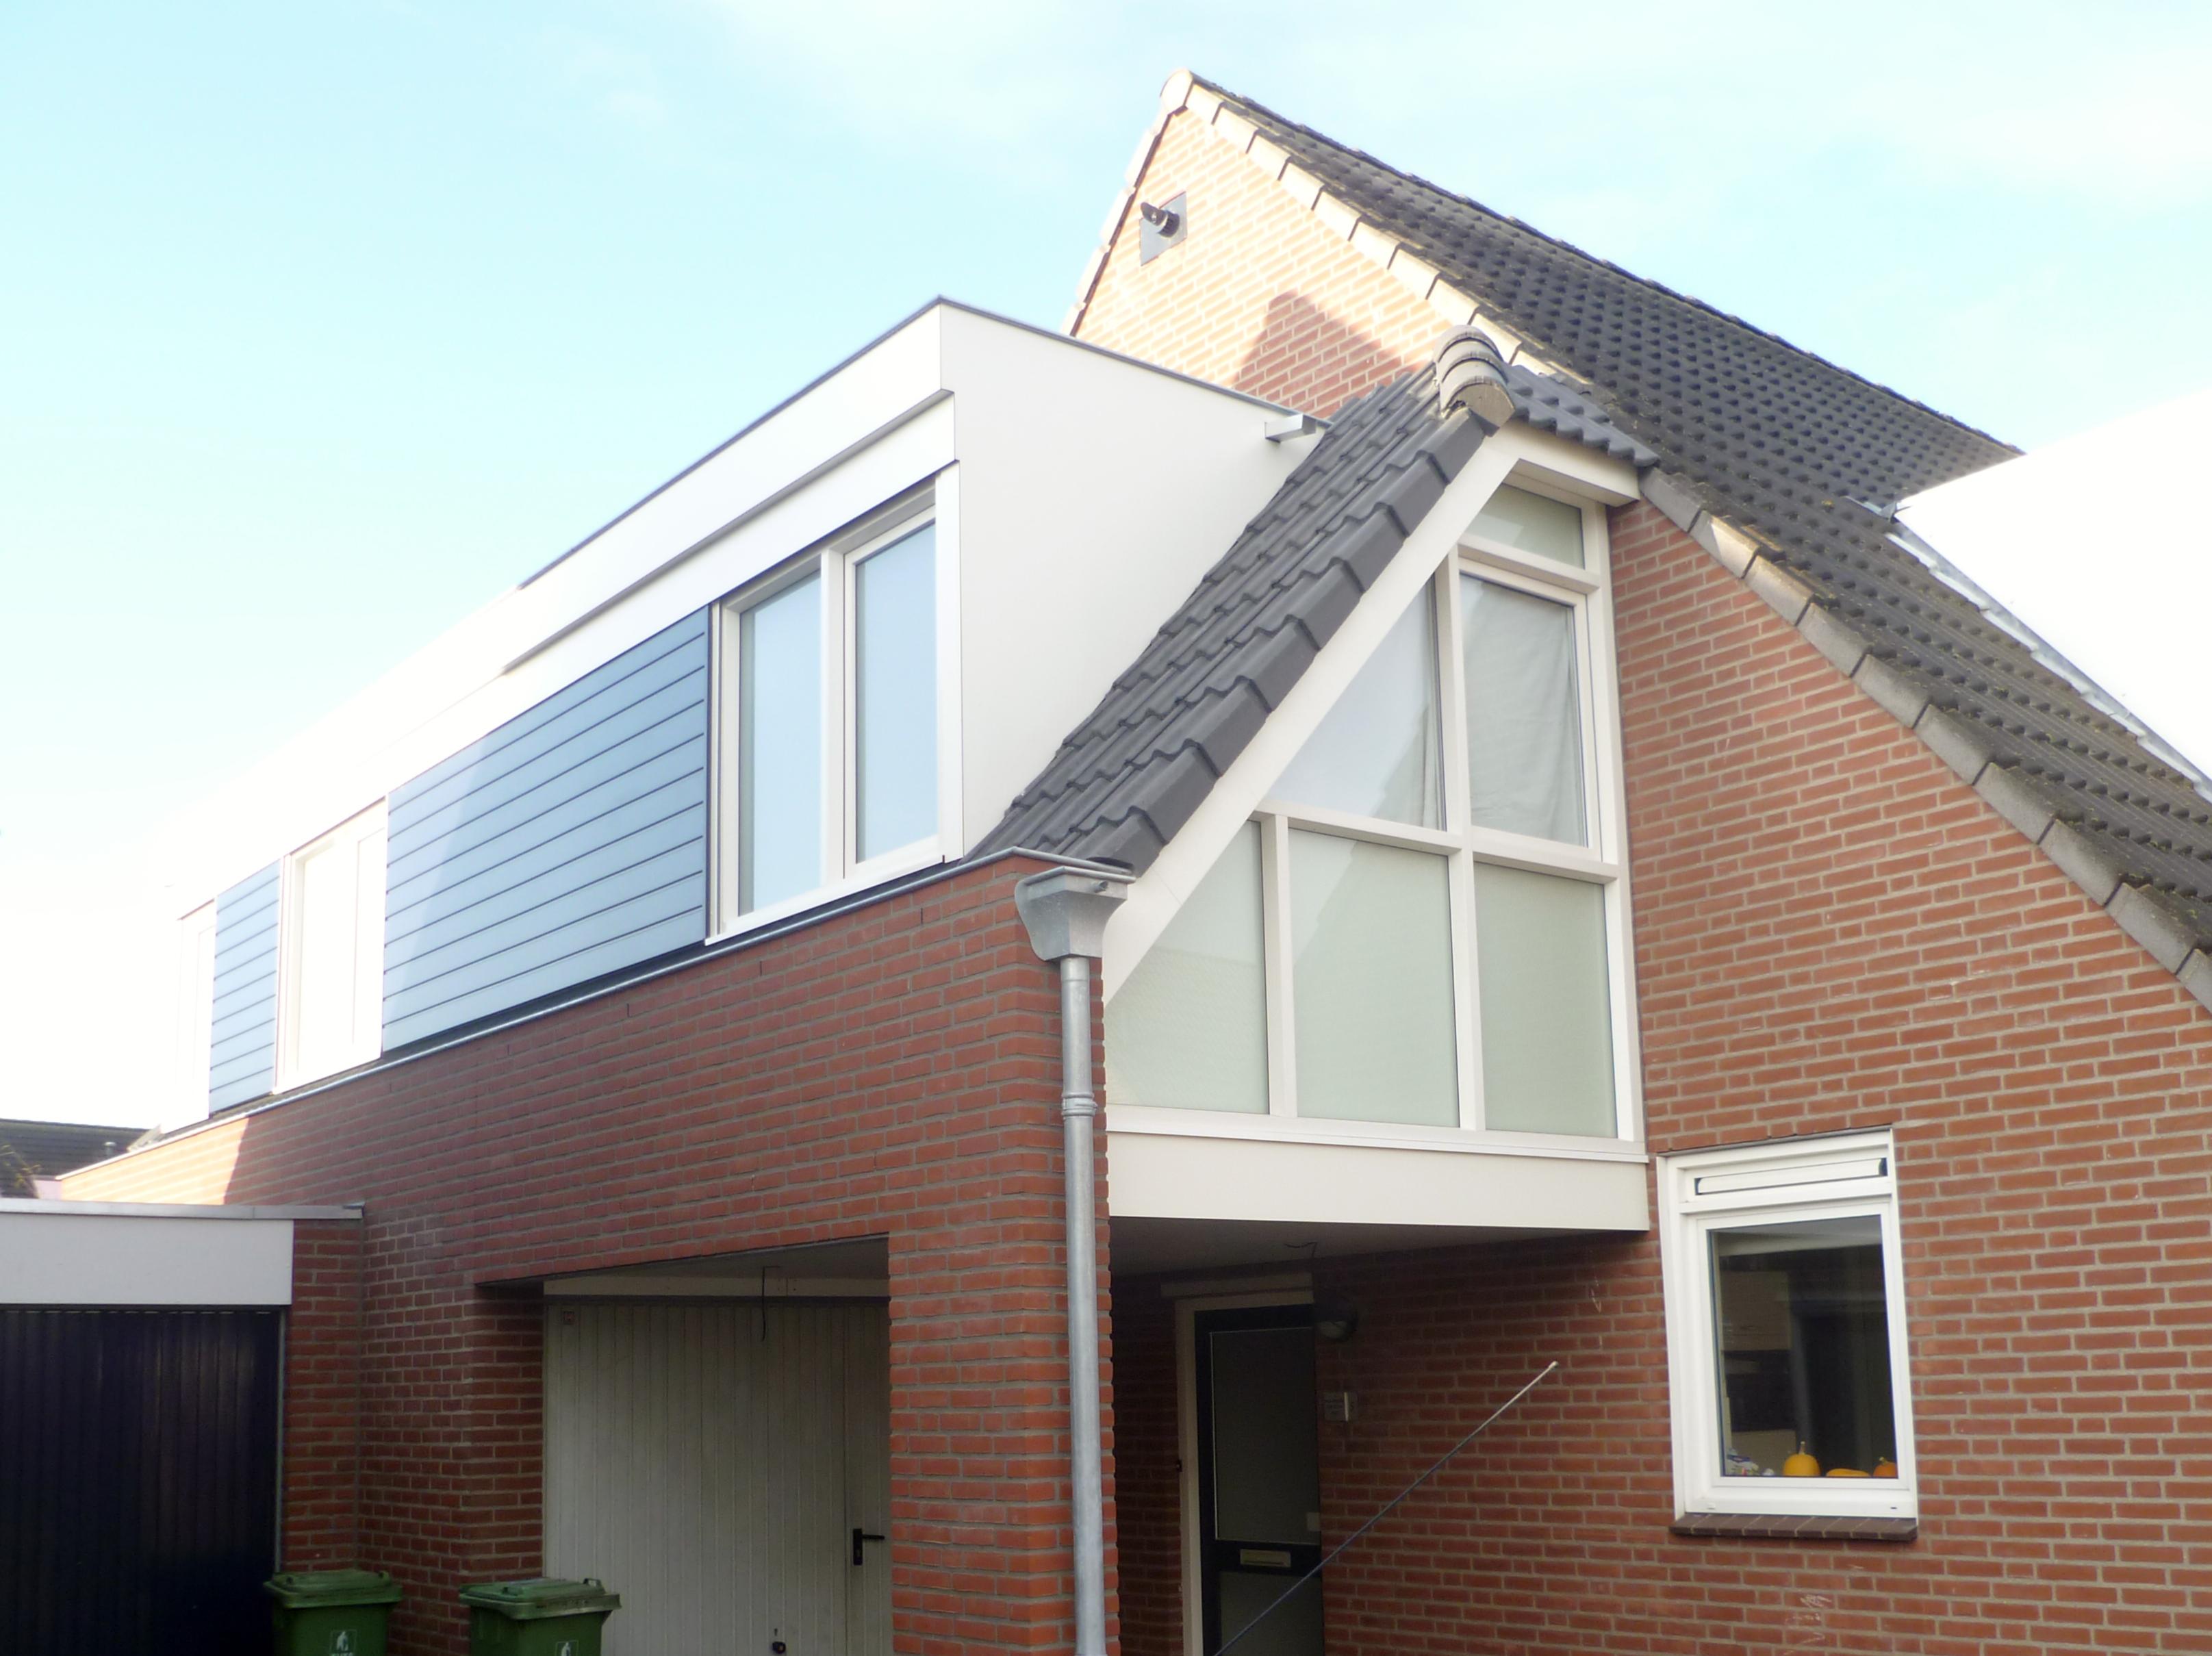 Uitbreiding woonhuis, dakopbouw 02 - Boxmeer